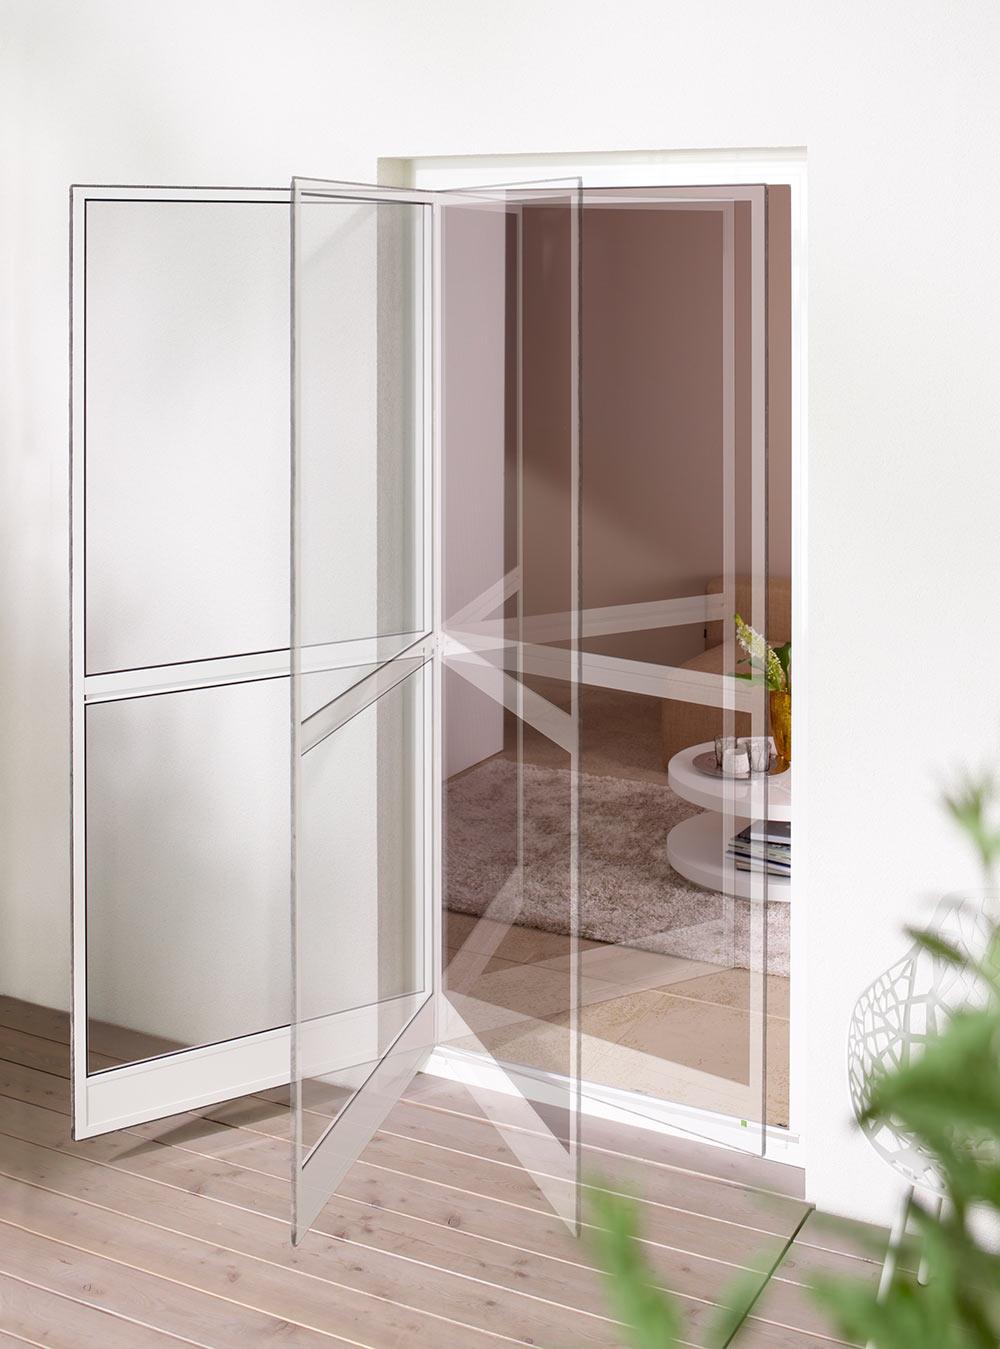 insektenschutz tischlerei feddersen. Black Bedroom Furniture Sets. Home Design Ideas